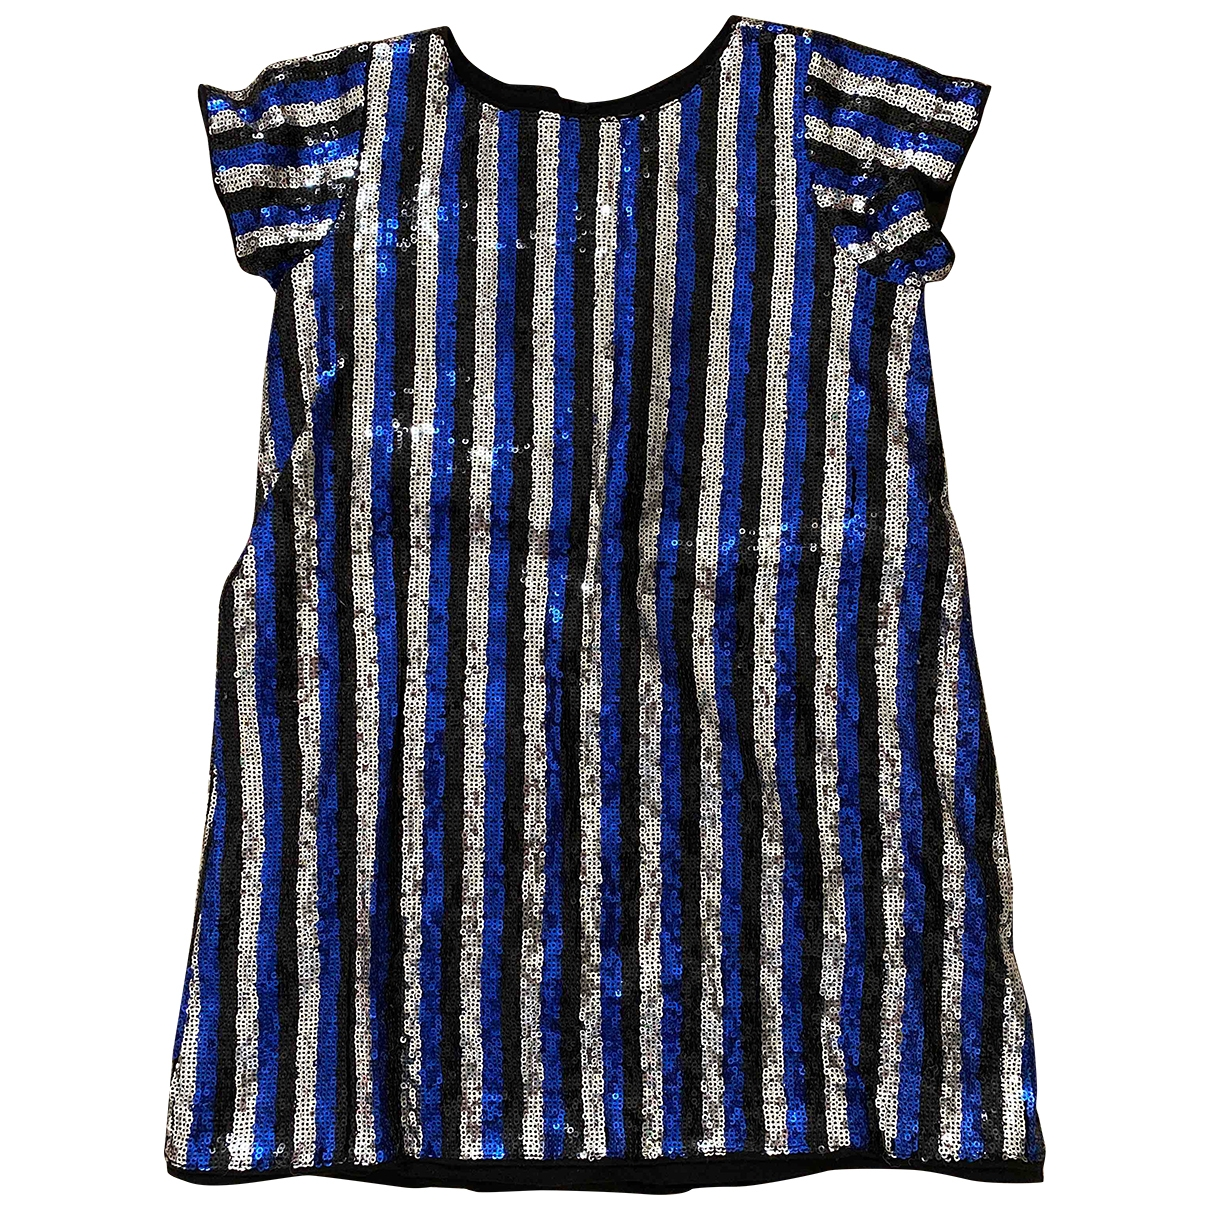 Bonton \N Kleid in Mit Pailletten